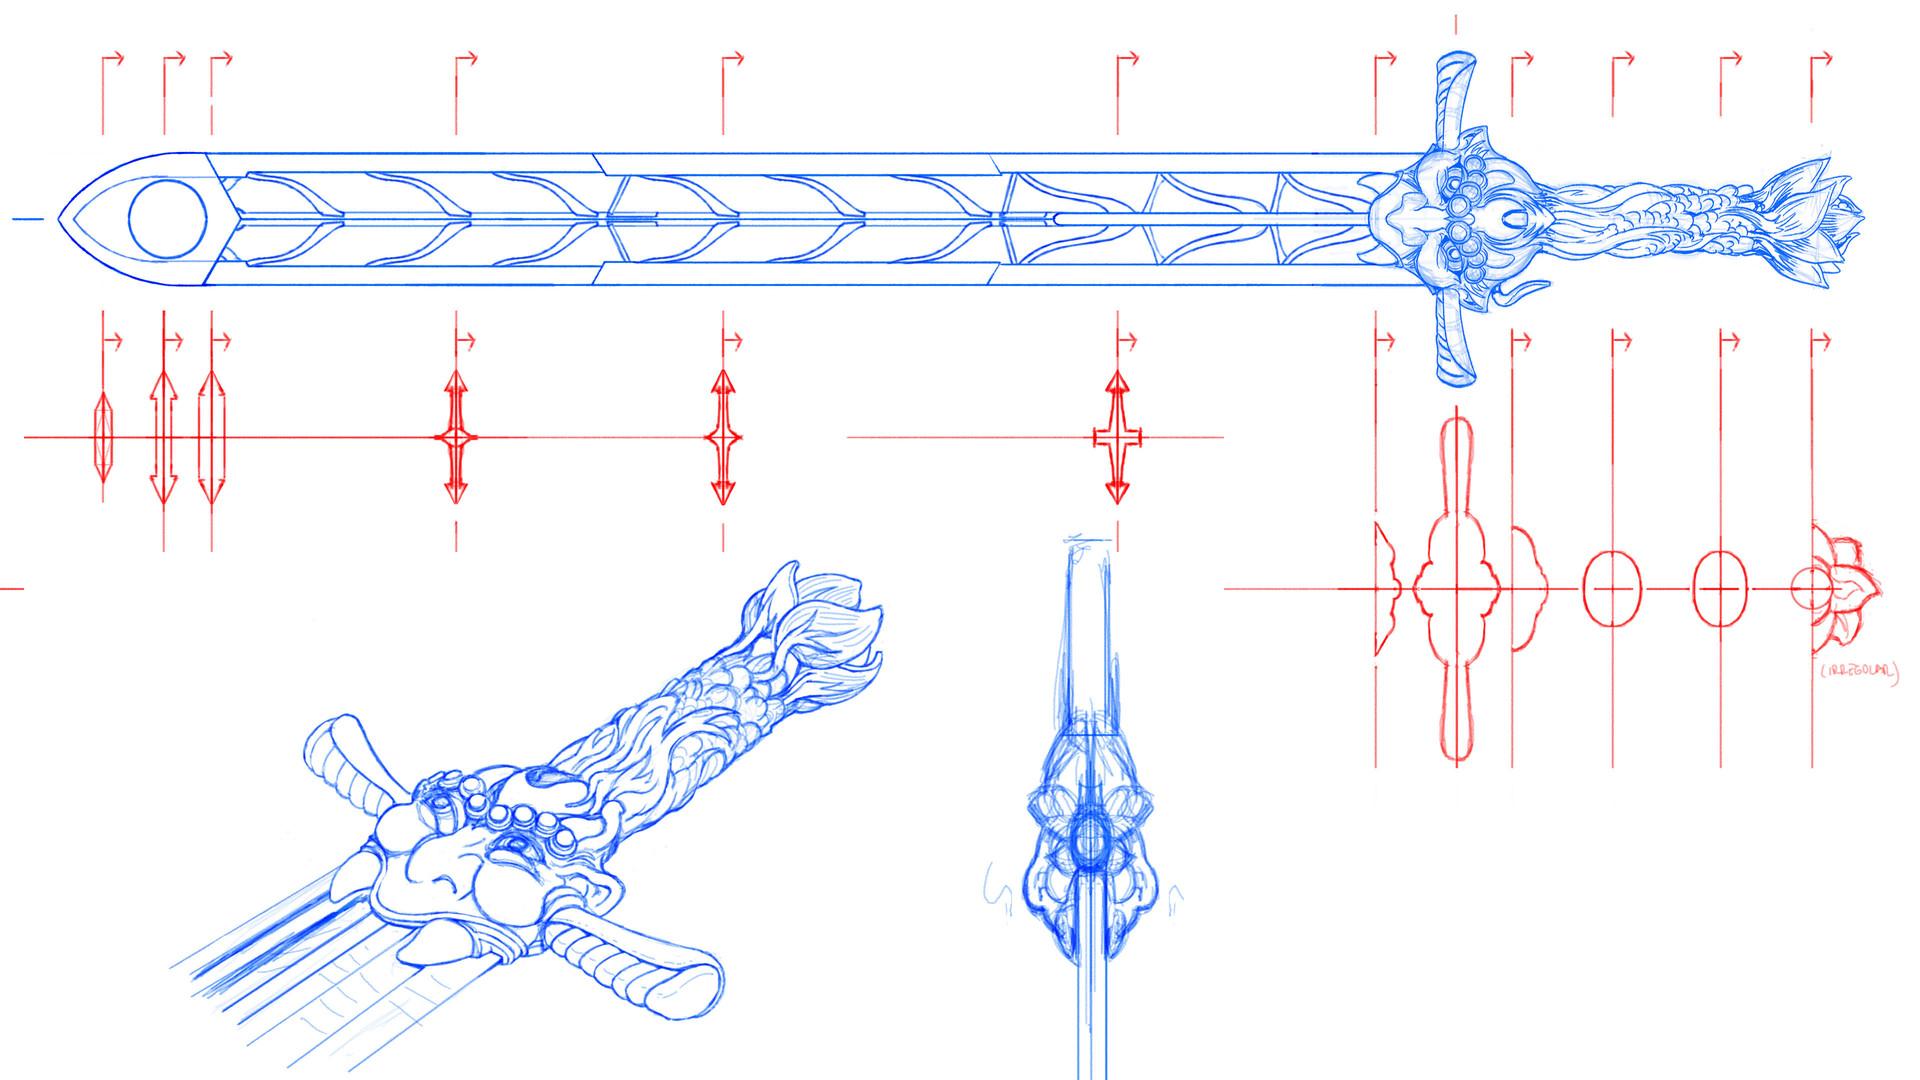 Jeff zugale sword design 03